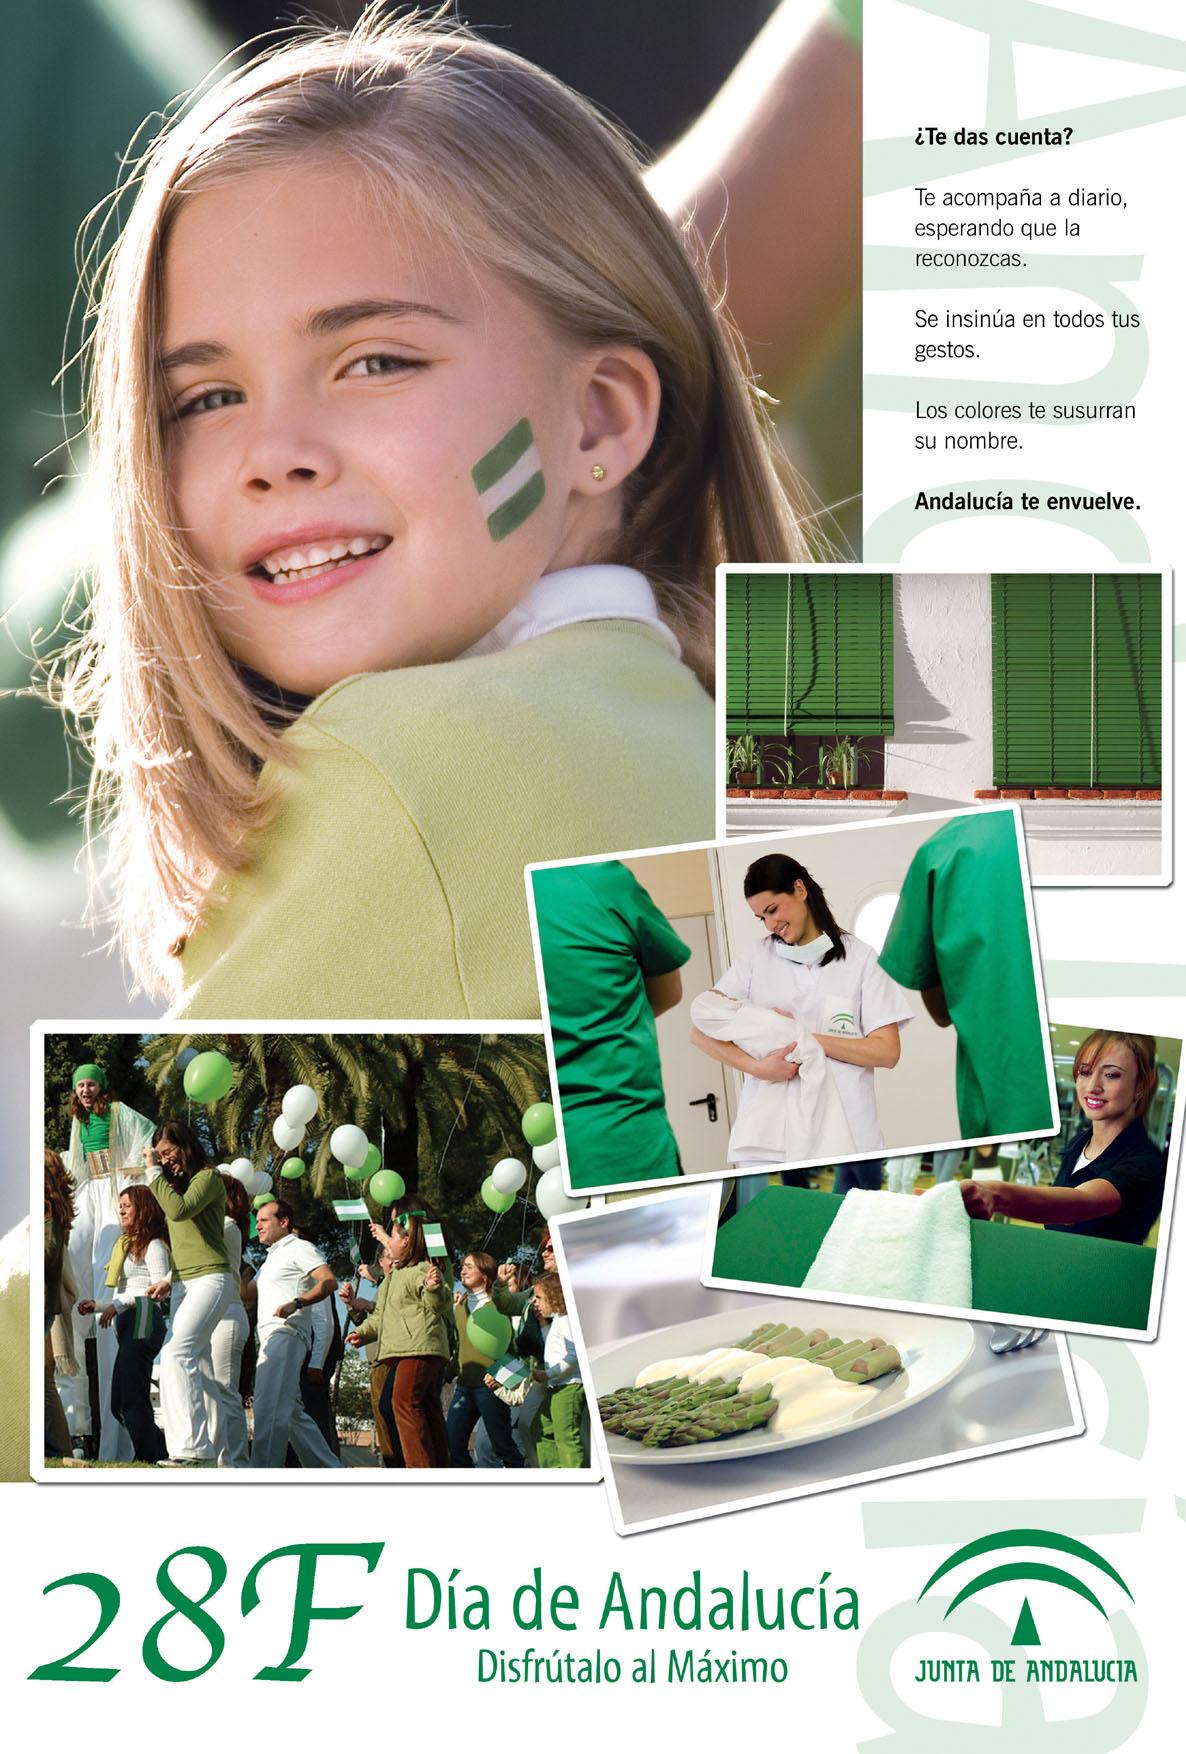 http://www.andaluciajunta.es/export/especiales/28f2006/anuncios/grafica28f.jpg